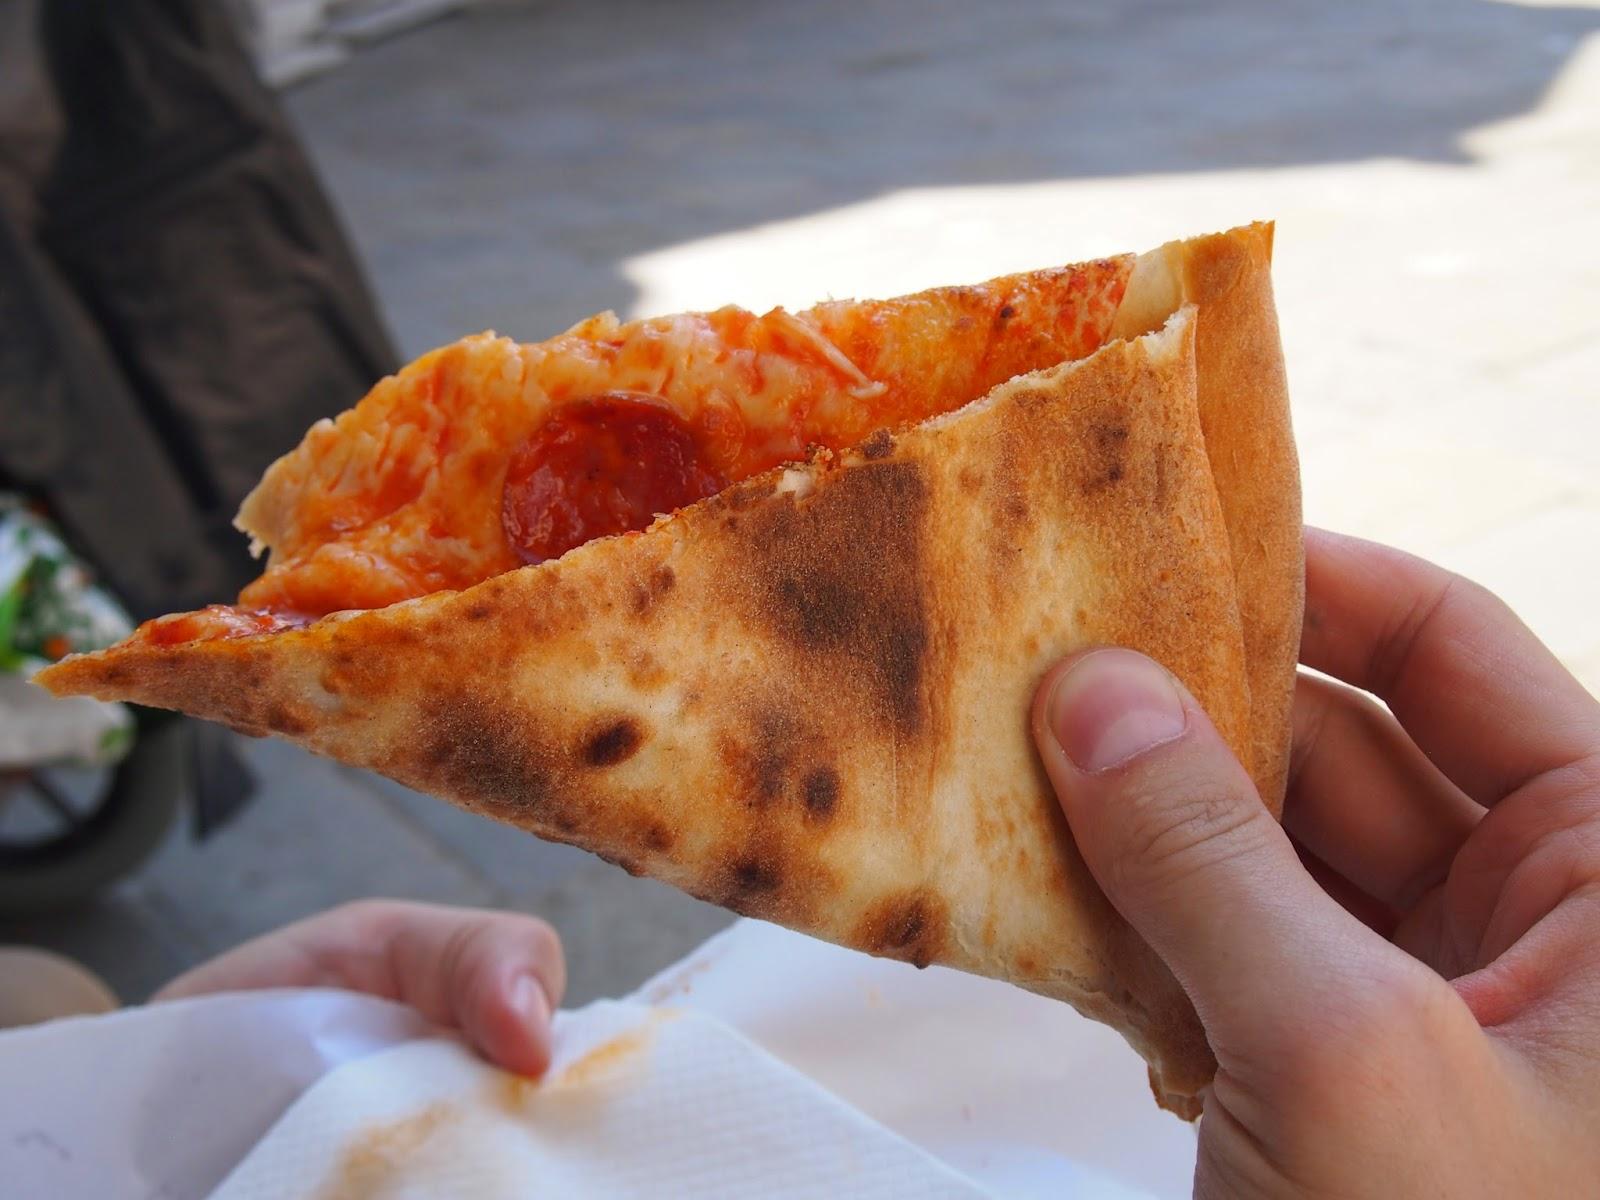 Folded pizza eater